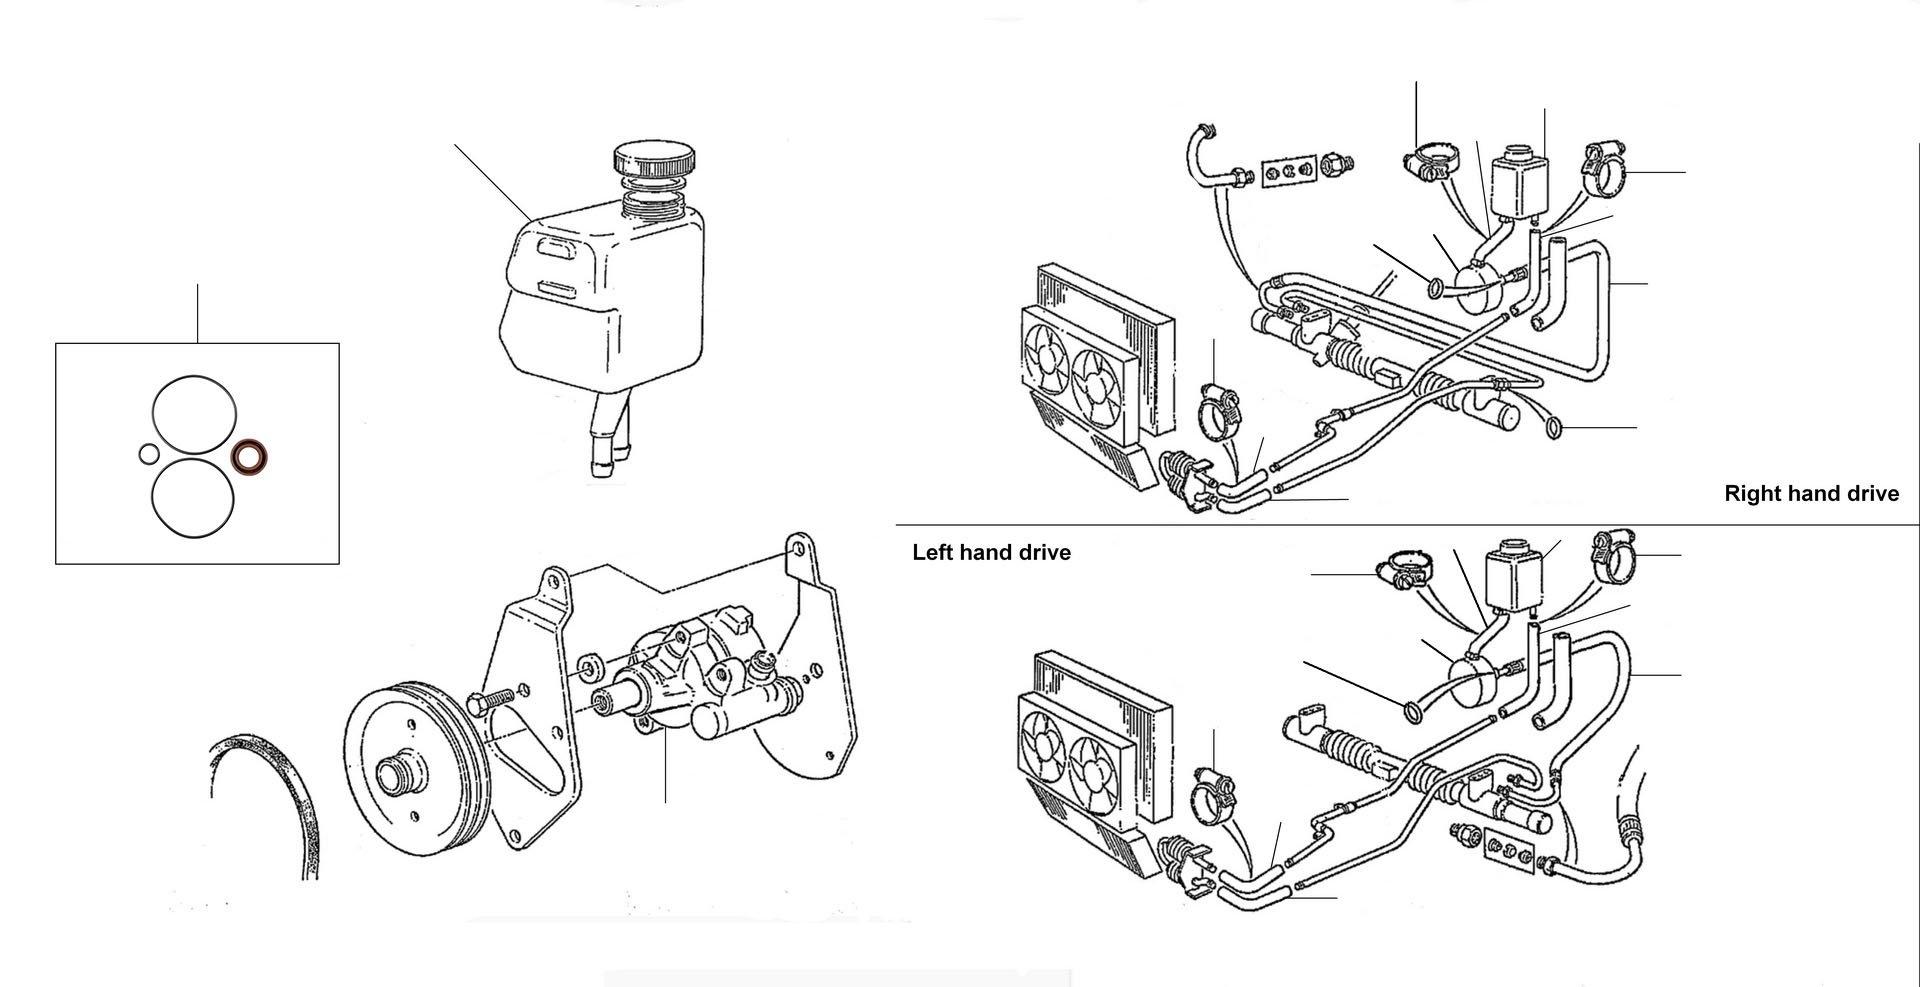 43044 Steering pump 30001 till 46783 - VIN 30001 till 46783